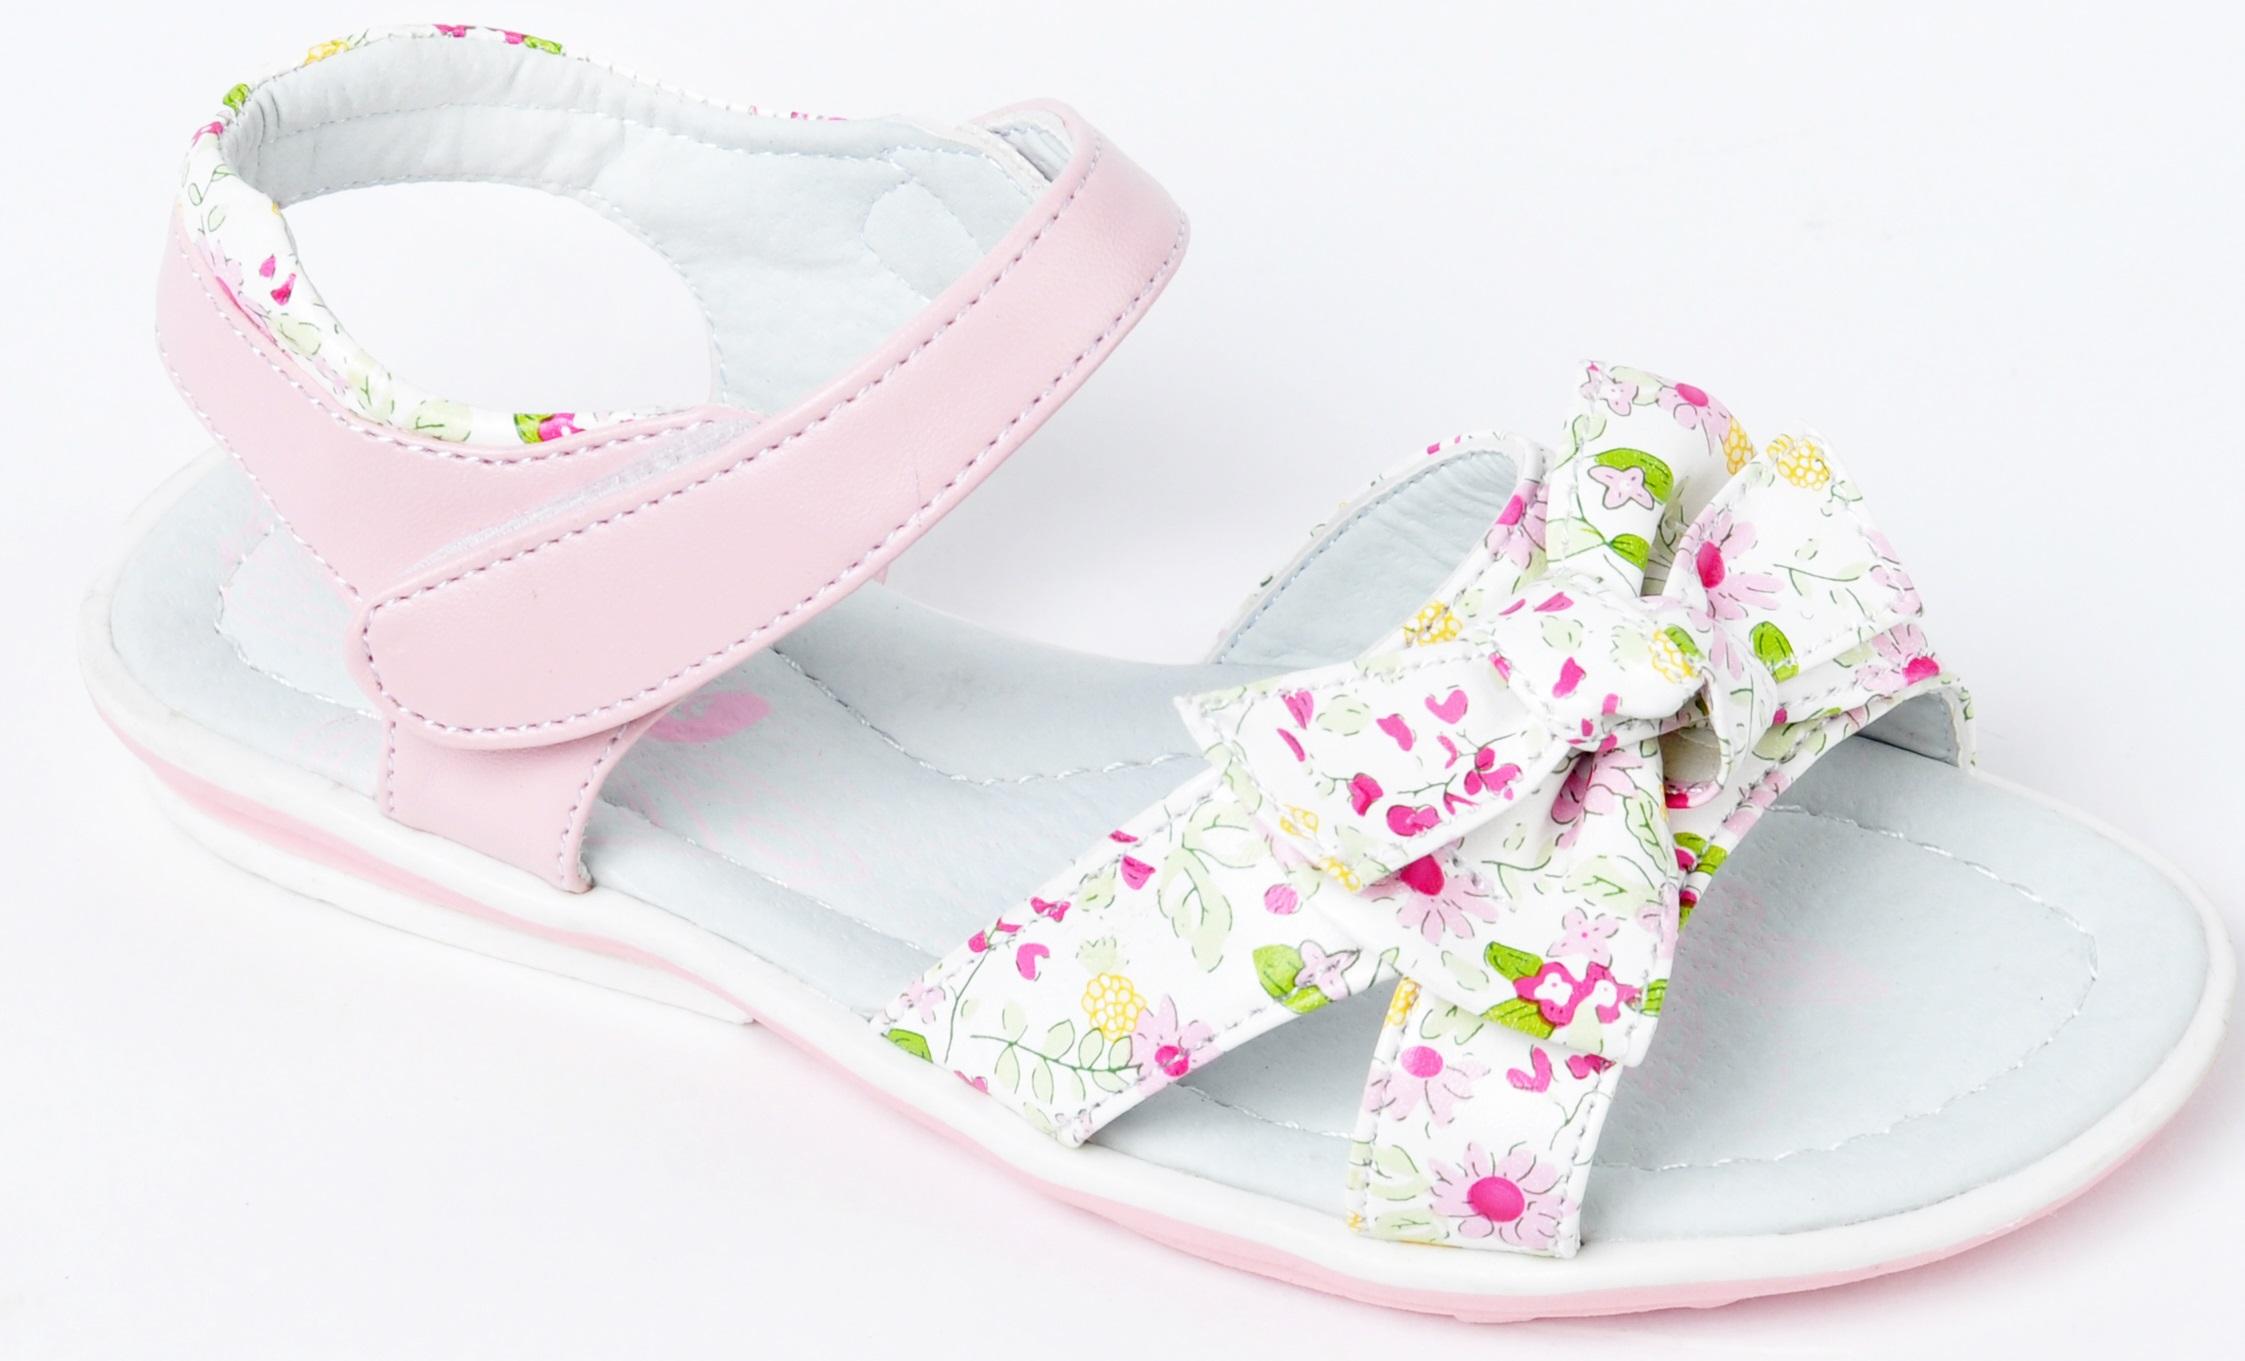 Сбор заказов. Всем! Всем! Всем! Обувь для наших деток. Ваш любимый МIU. Очень красиво и бюджетно. От 250 руб. Выкуп 12